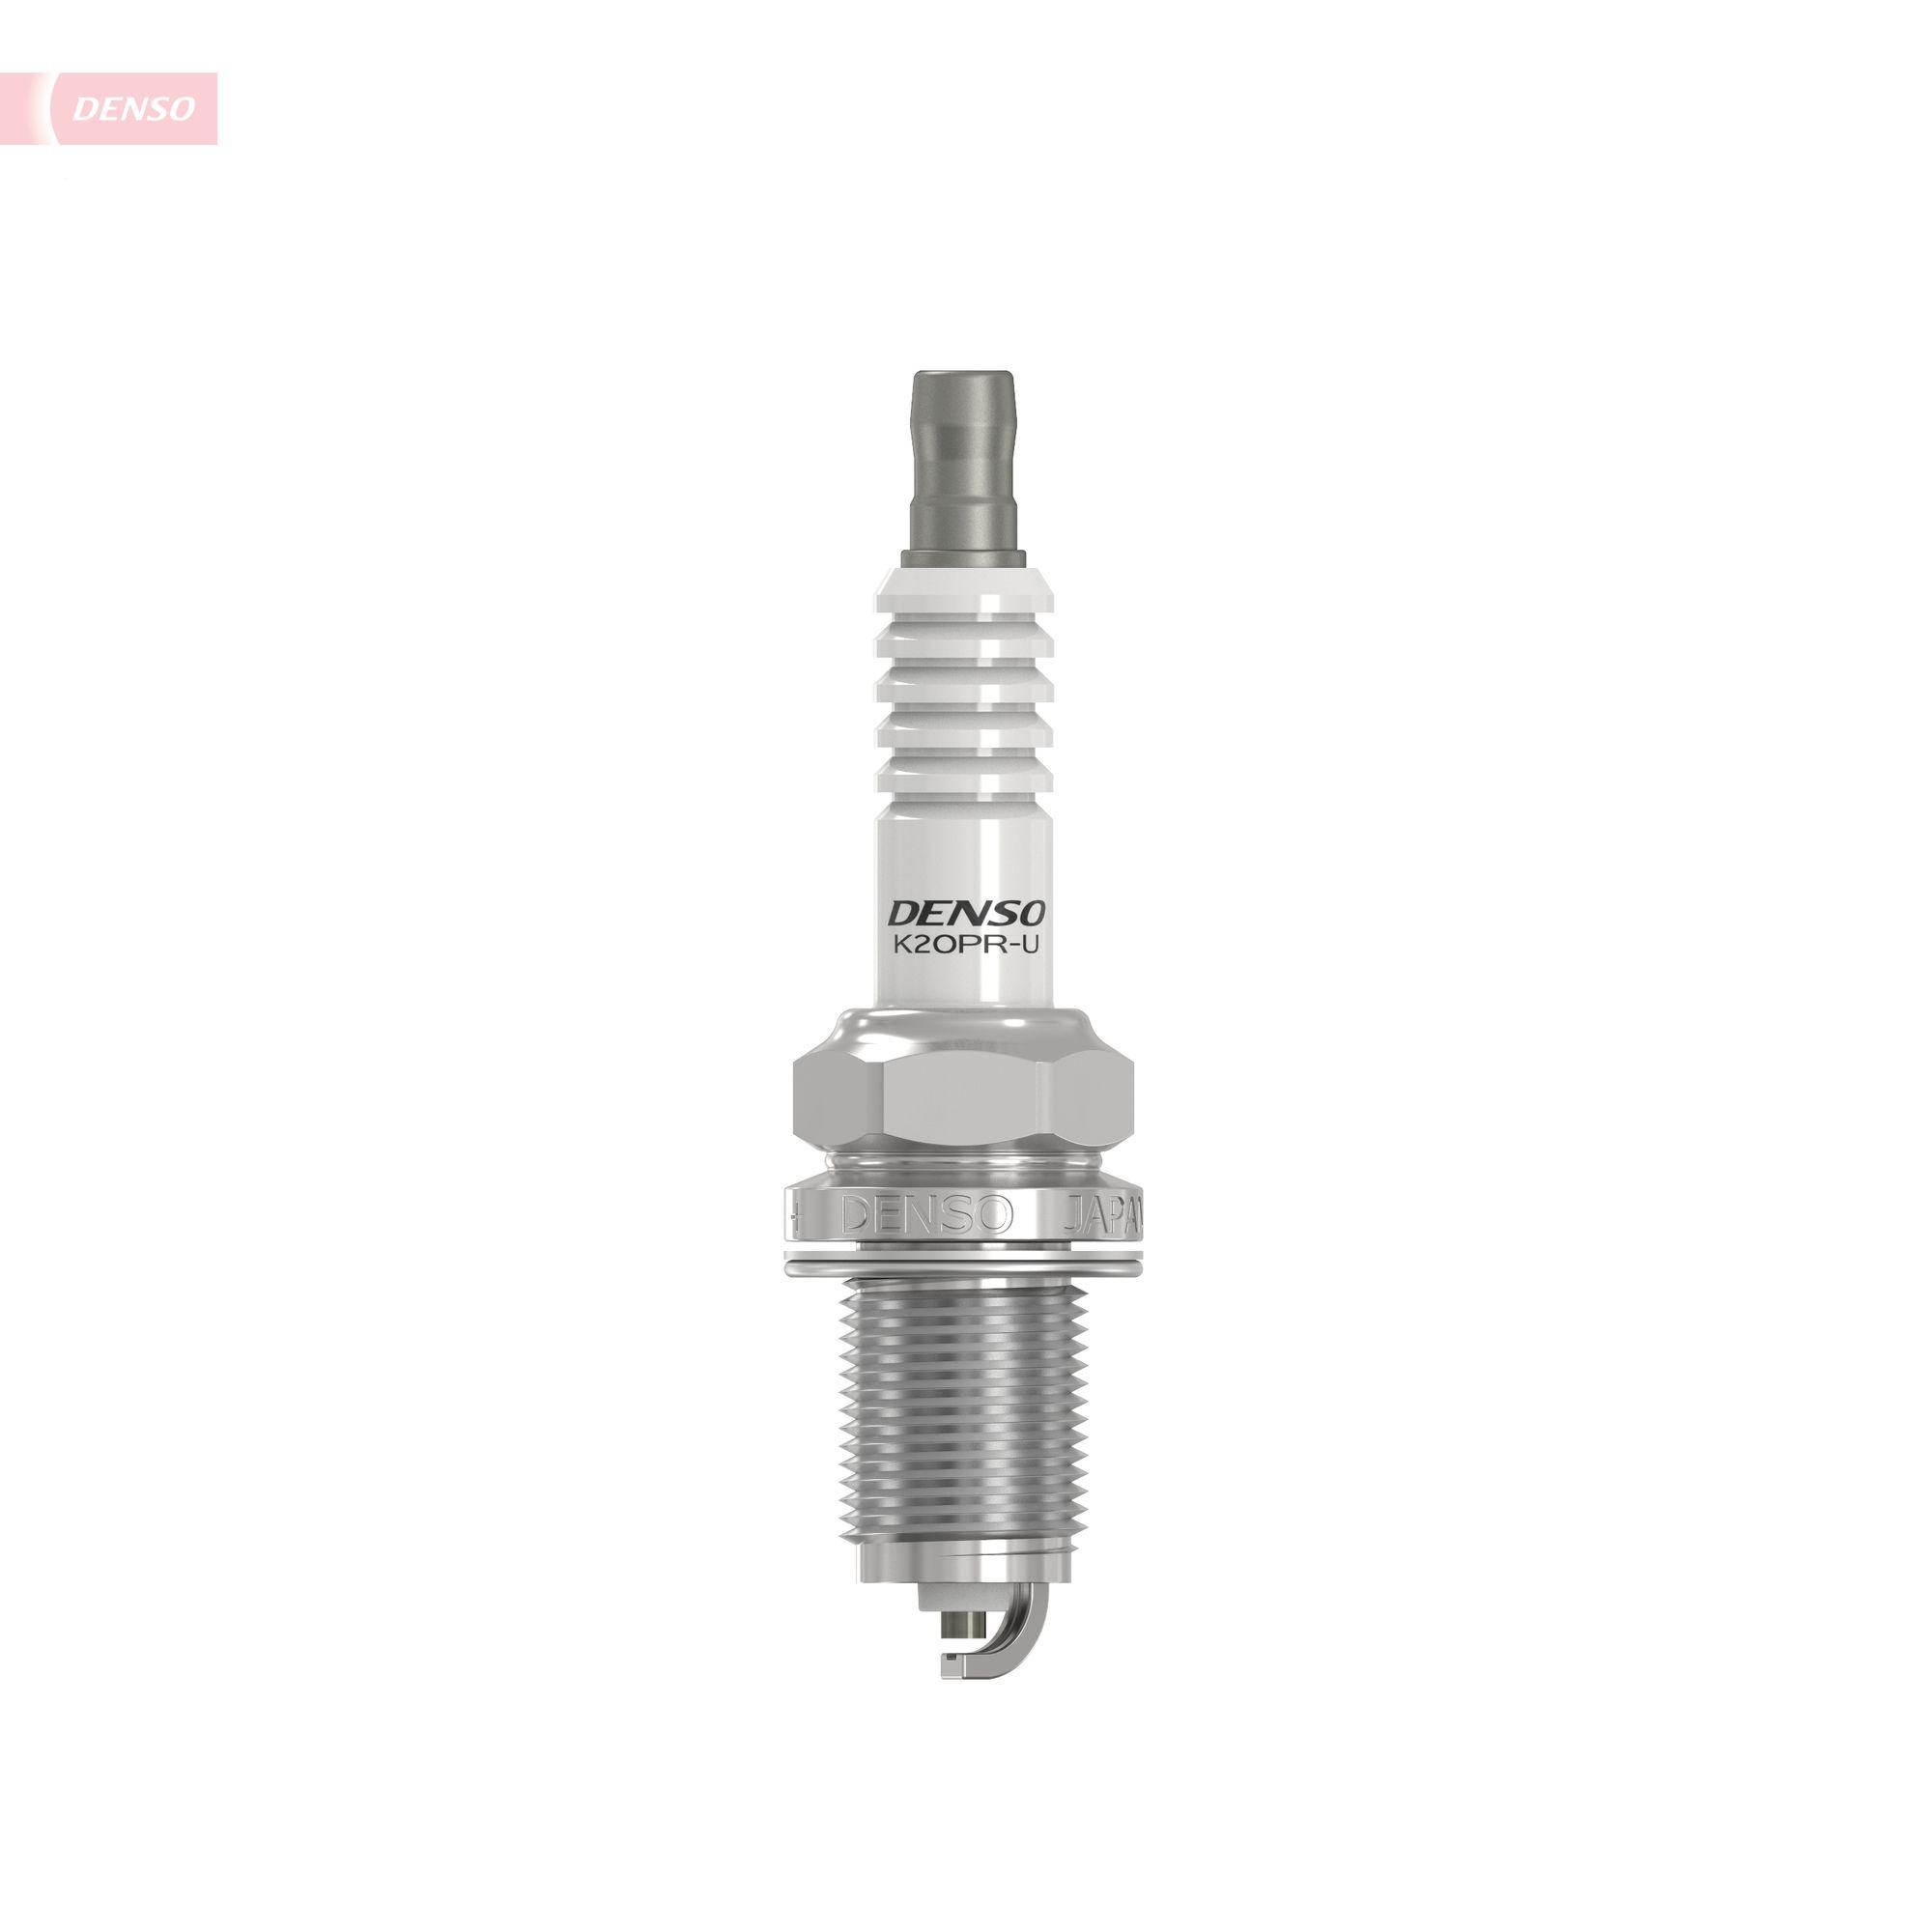 K20PR-U Запалителна свещ DENSO в оригиналното качество